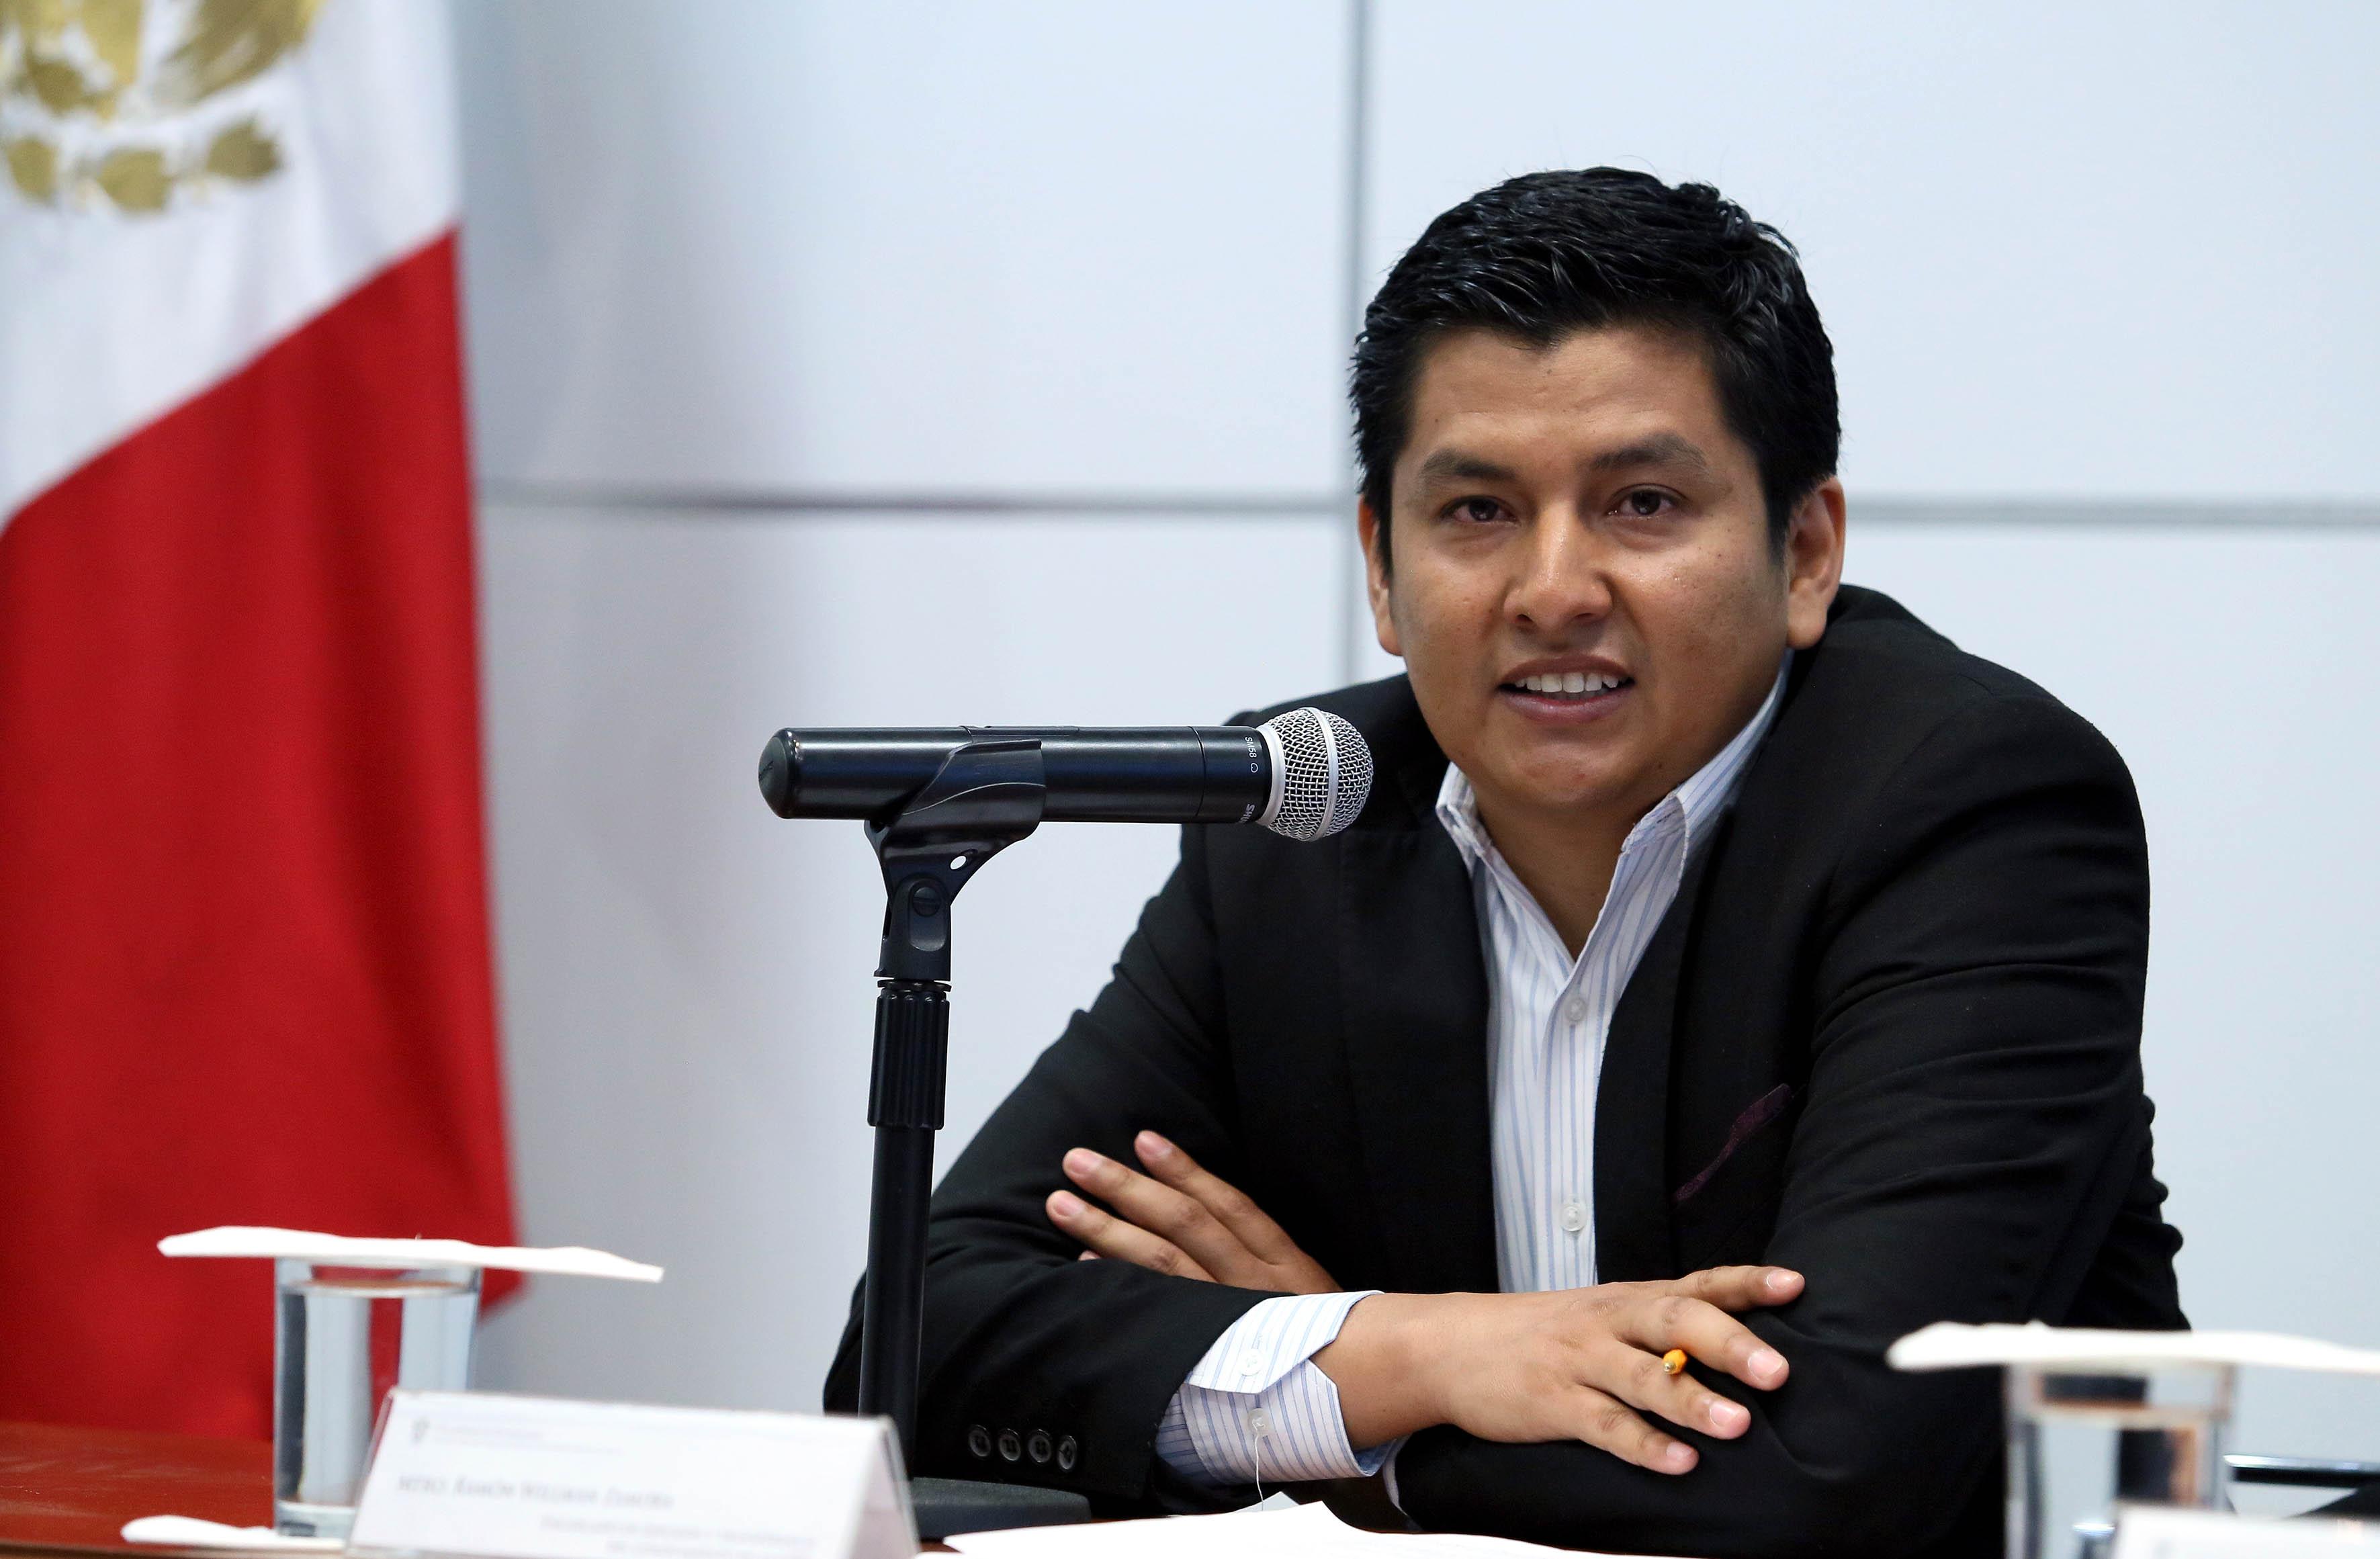 Mtro. Ramón Willman Zamora, encargado de Difusión y Transferencia del Conocimiento, de la Coordinación de Investigación y Posgrado de la Universidad de Guadalajara, con micrófono en mano haciendo uso de la palabara.